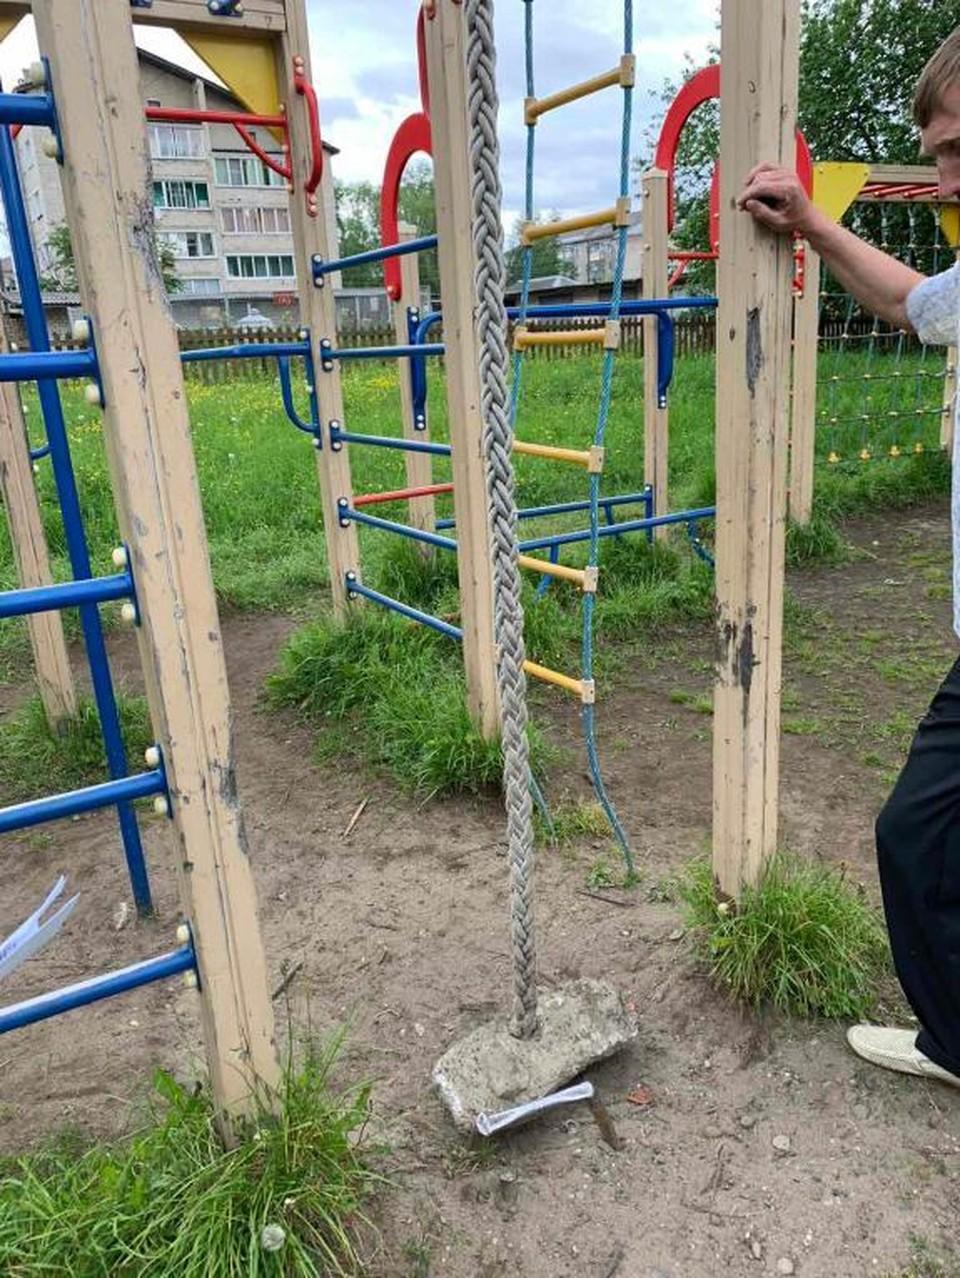 На детской площадке нашли торчащую из земли арматуру. Фото: прокуратура Кировской области